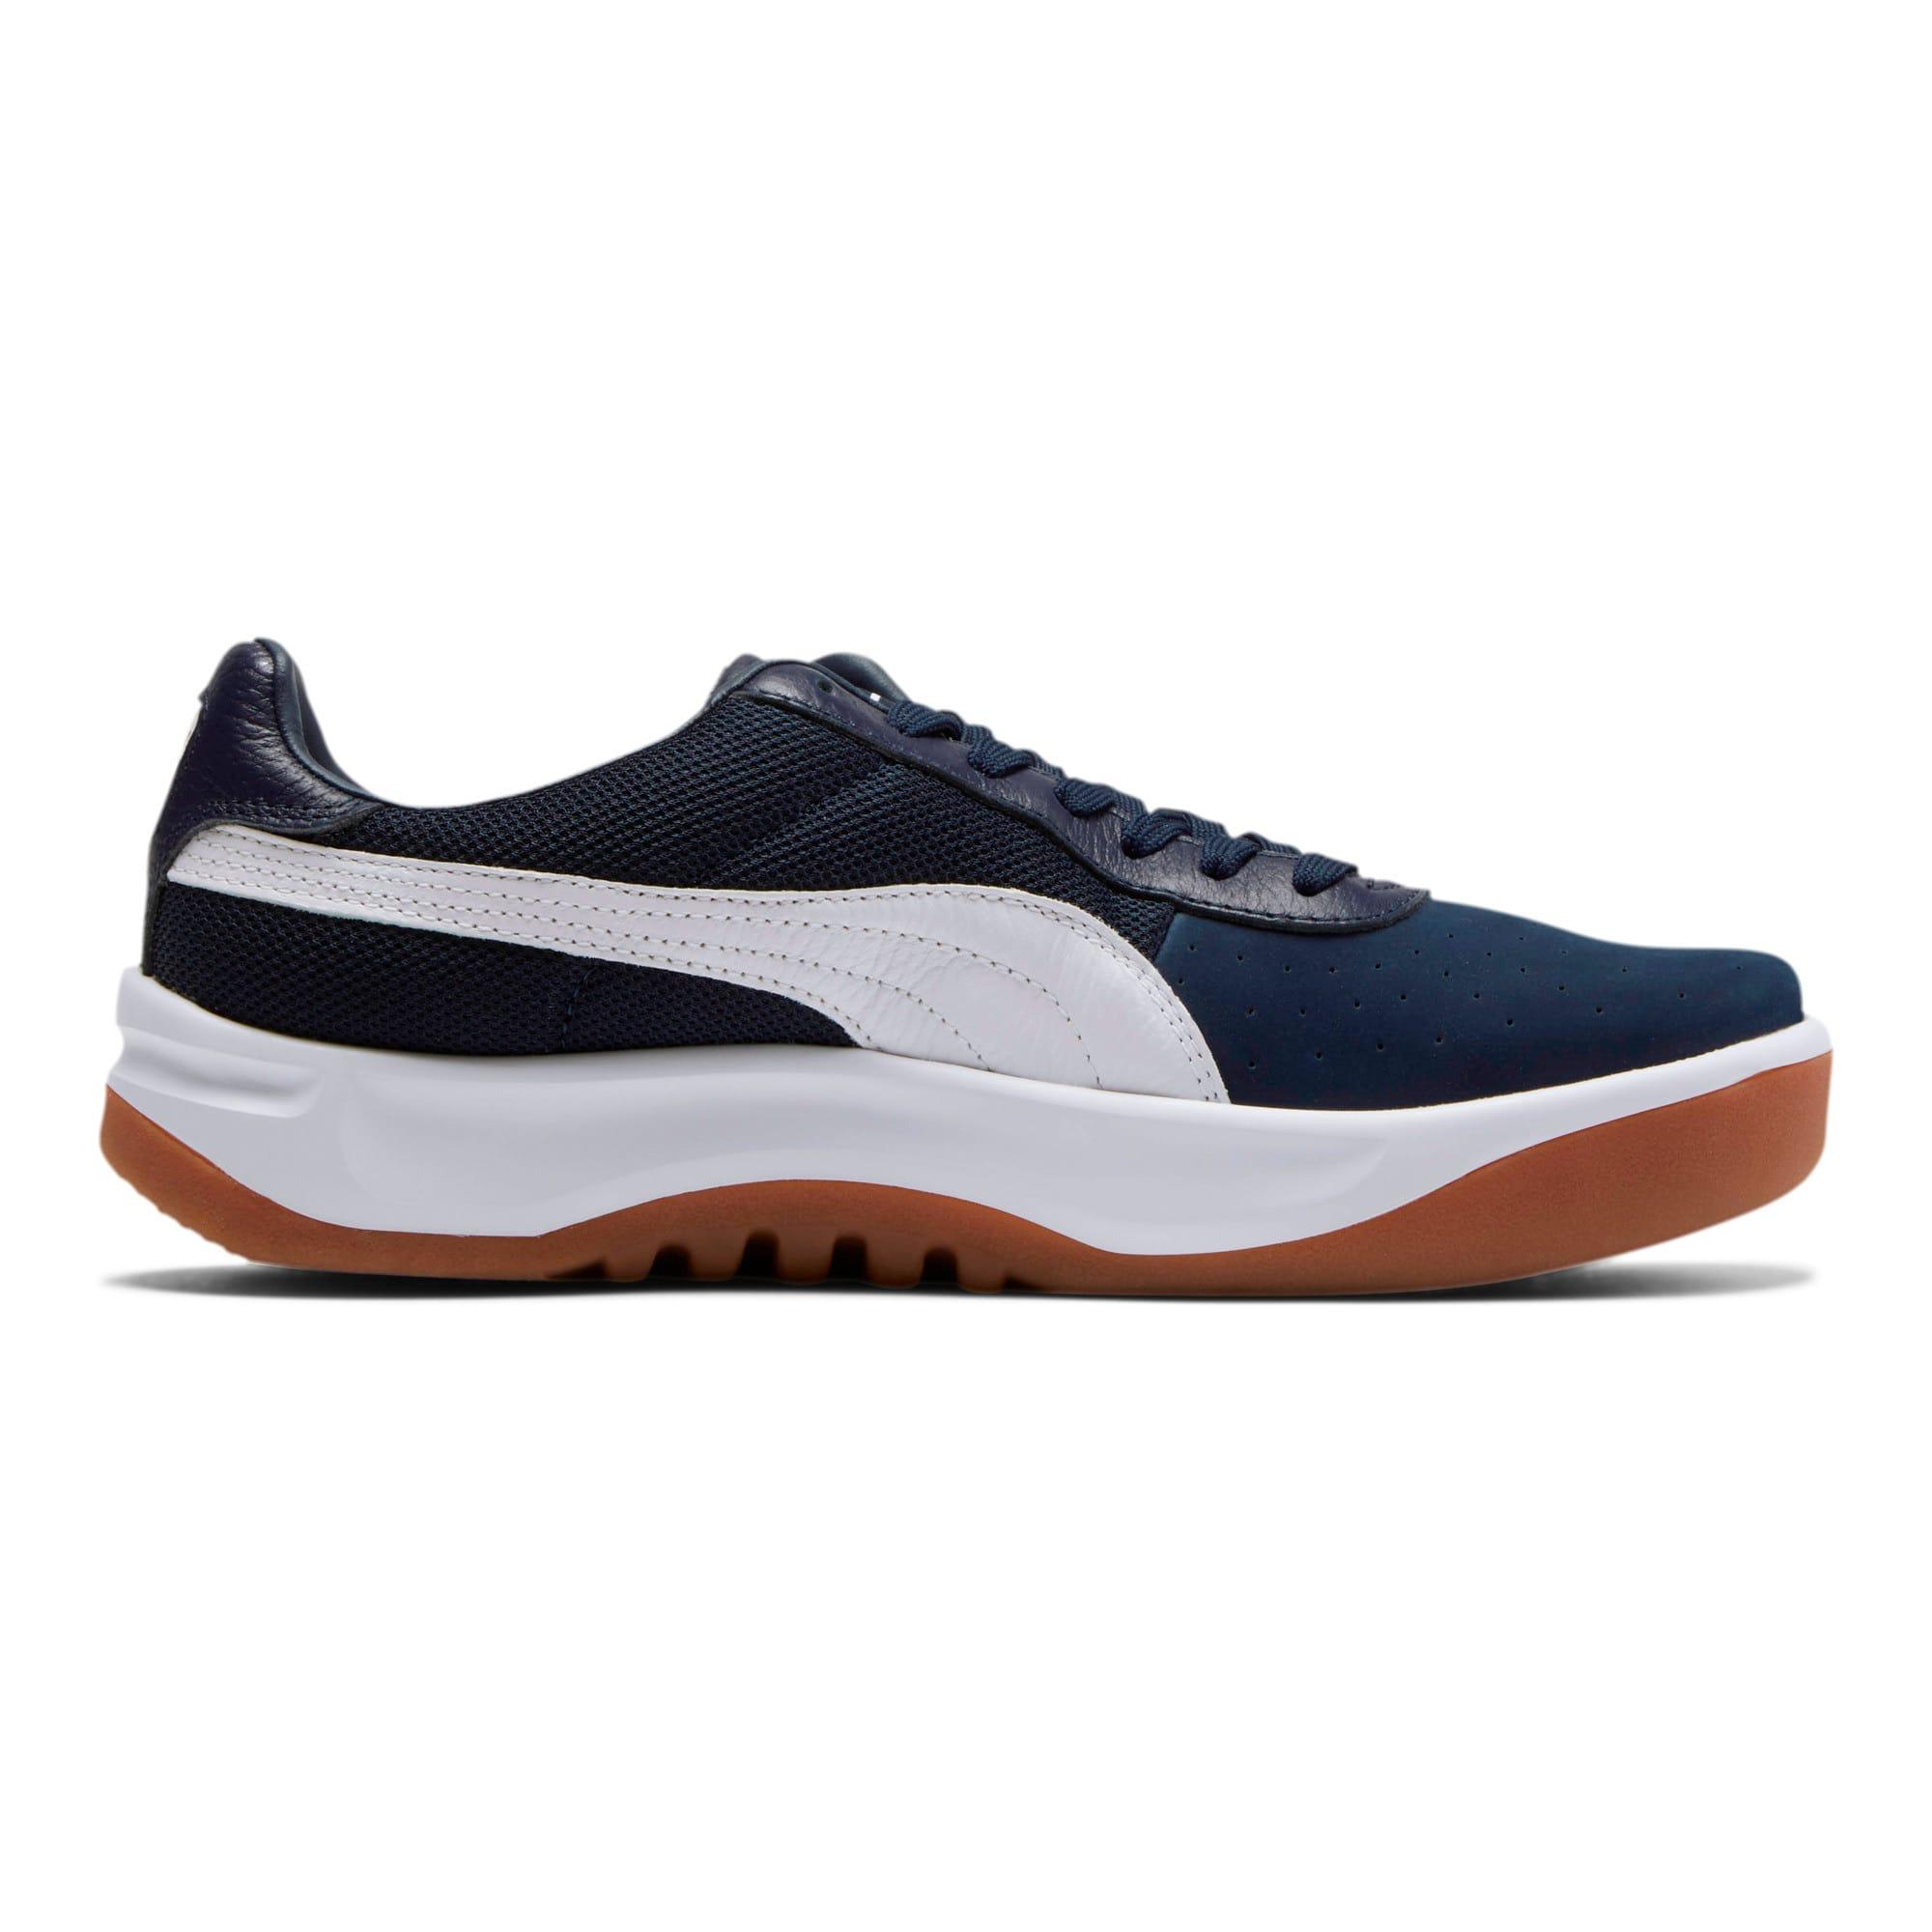 Thumbnail 5 of California Casual Sneakers, Peacoat-Puma White, medium